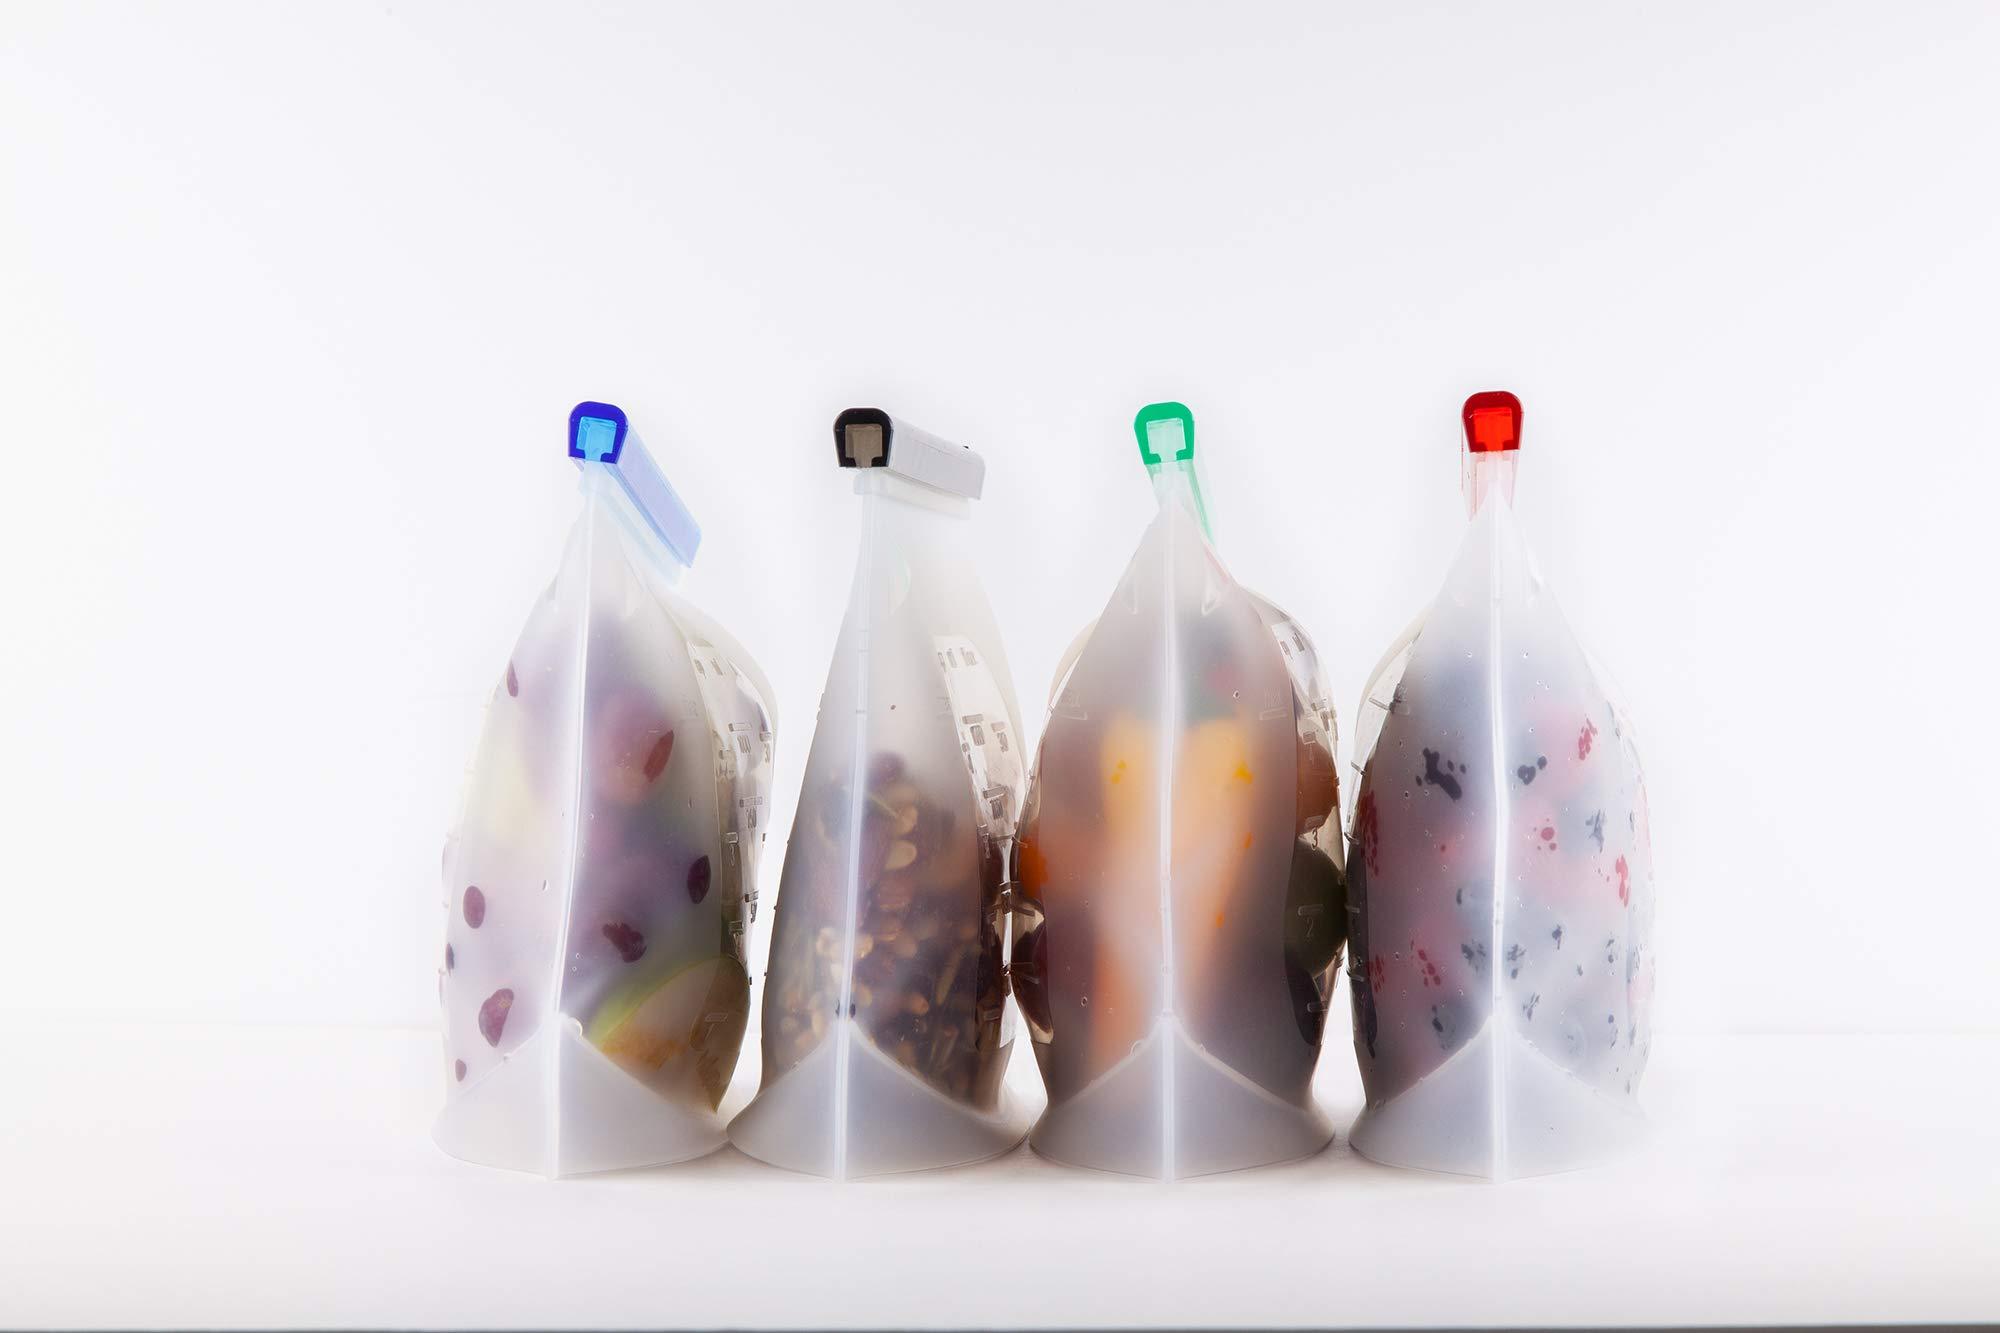 Microondas 4L, 2M Bolsas de Silicona Reutilizables 2L, 4M, 2S Bolsas Reutilizables para Compras Ecol/ógicas SIN BPA   Congelado   Lavables Homeful Gratis   A Prueba de Fugas